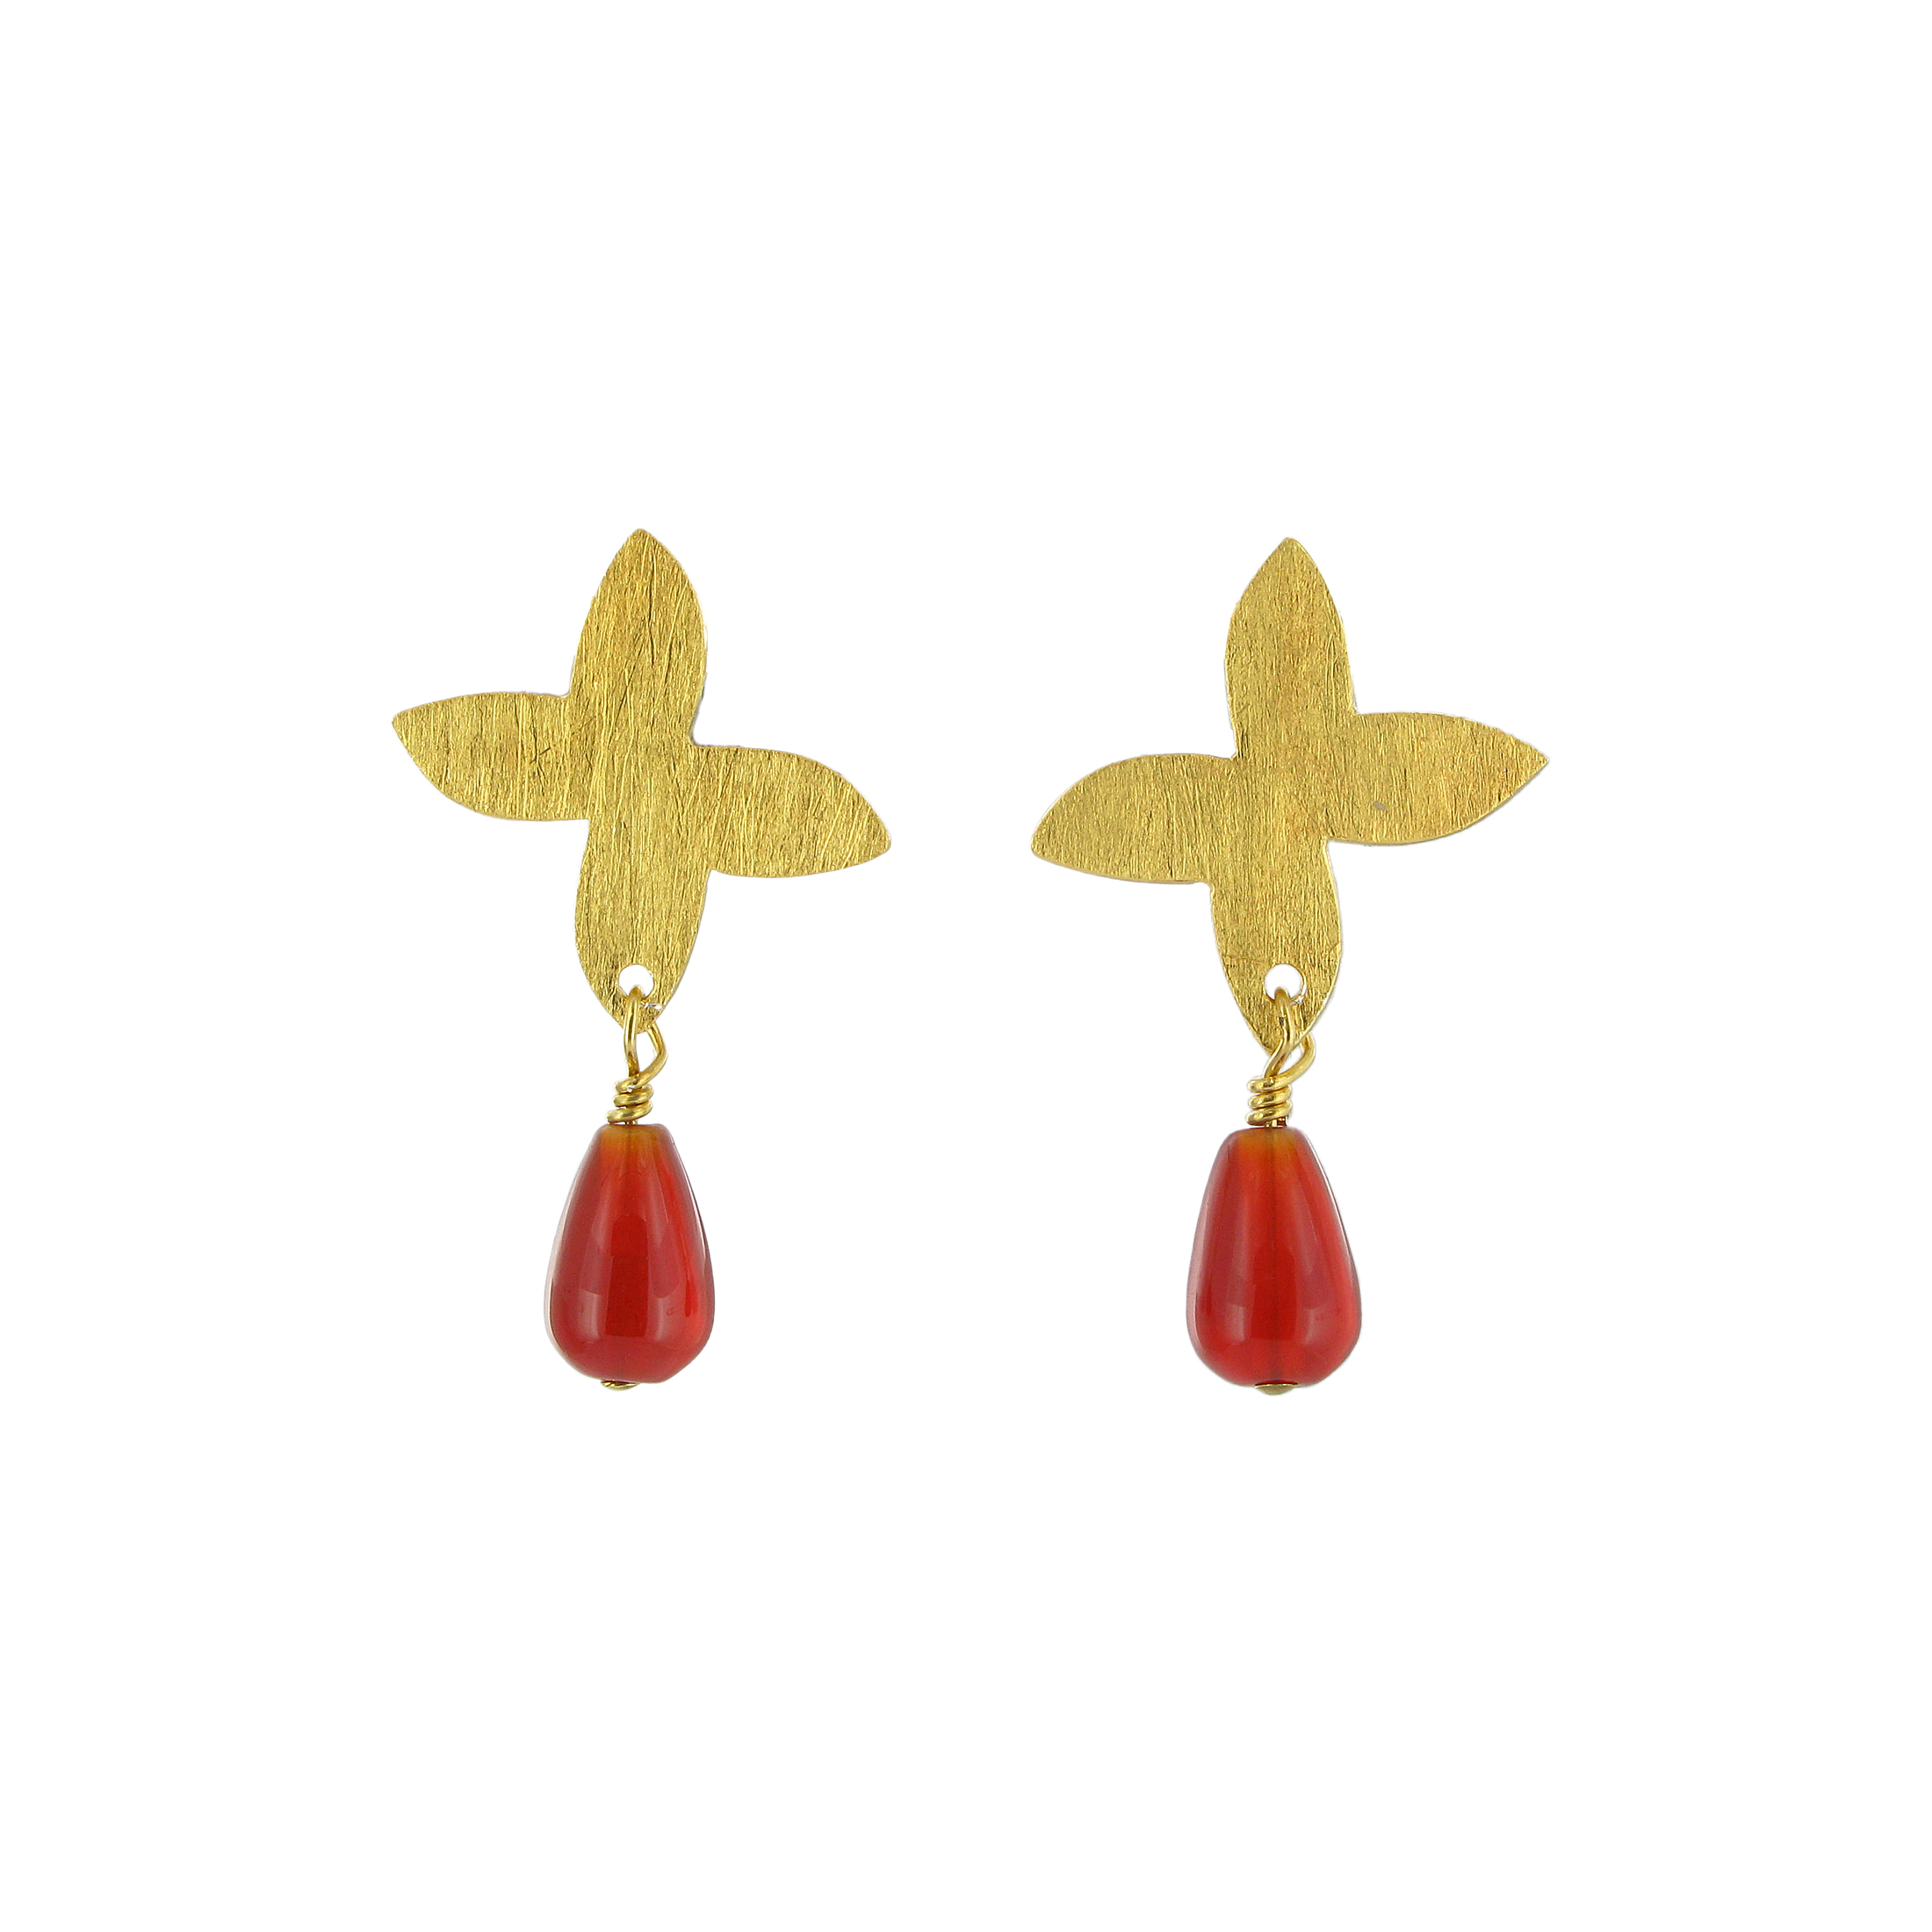 Carnelian flower drop earrings